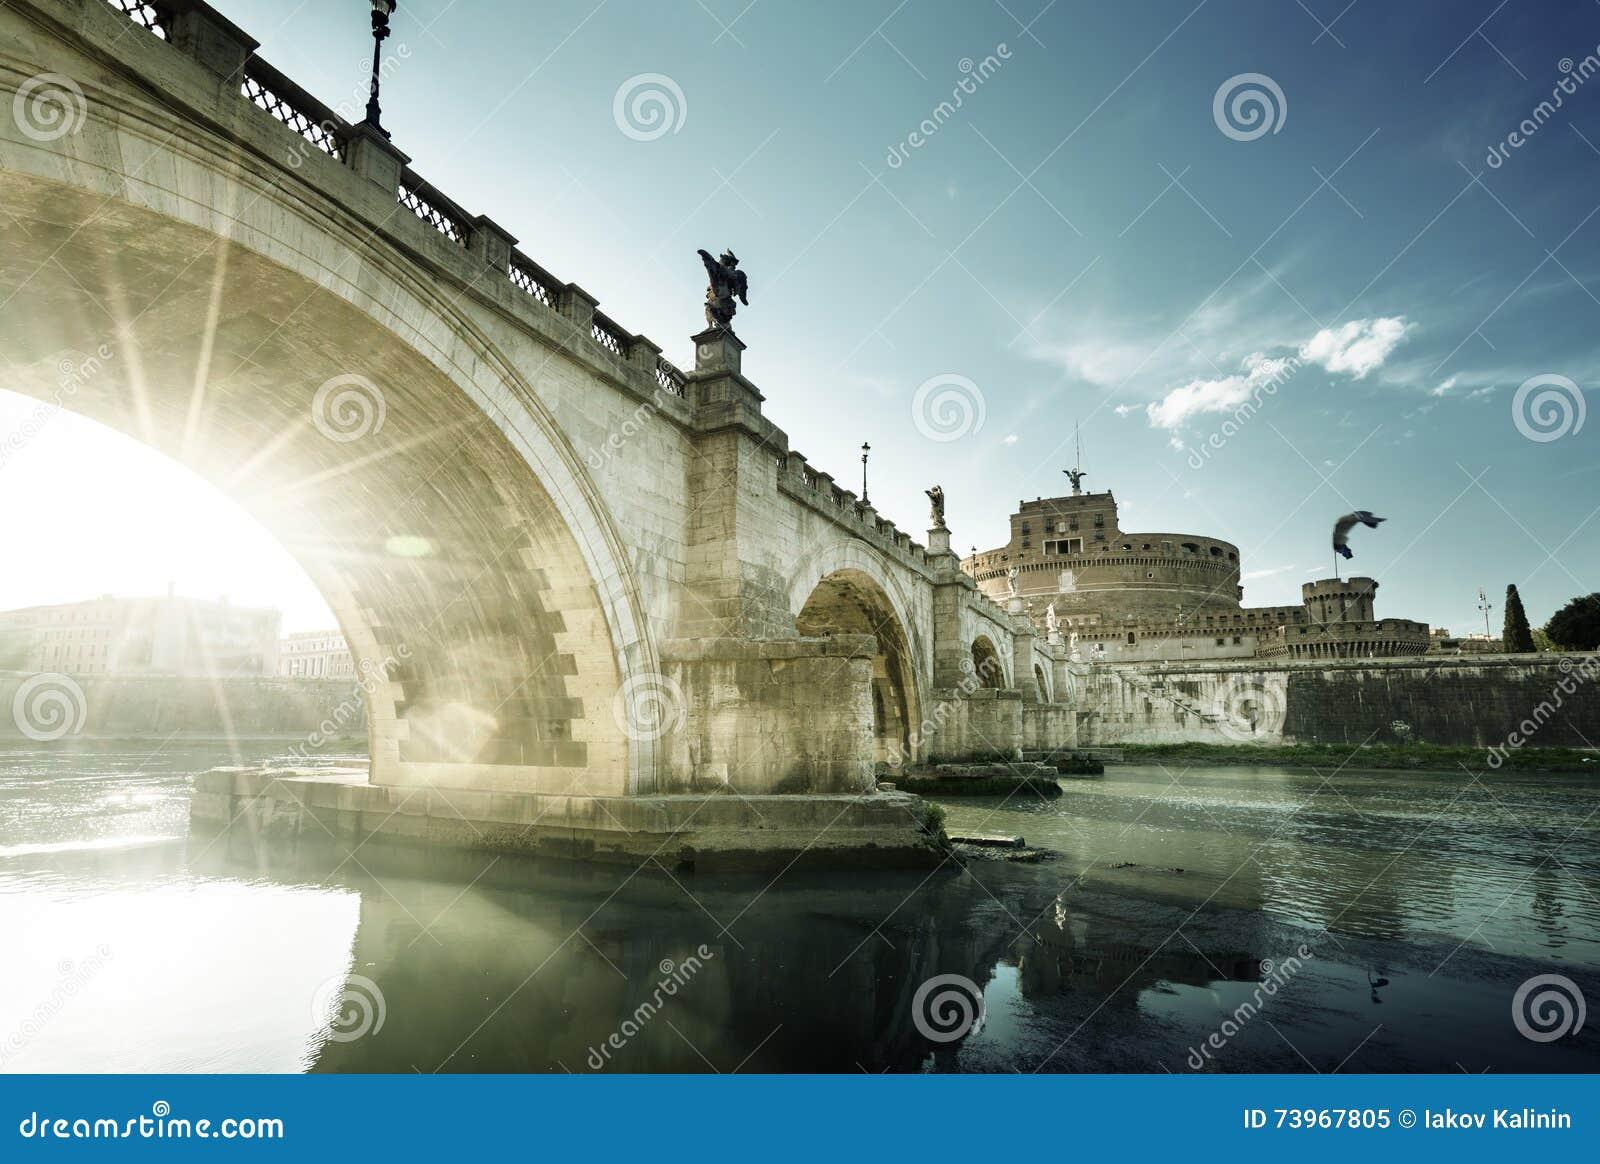 sant angelo castle y puente en tiempo de la puesta del sol